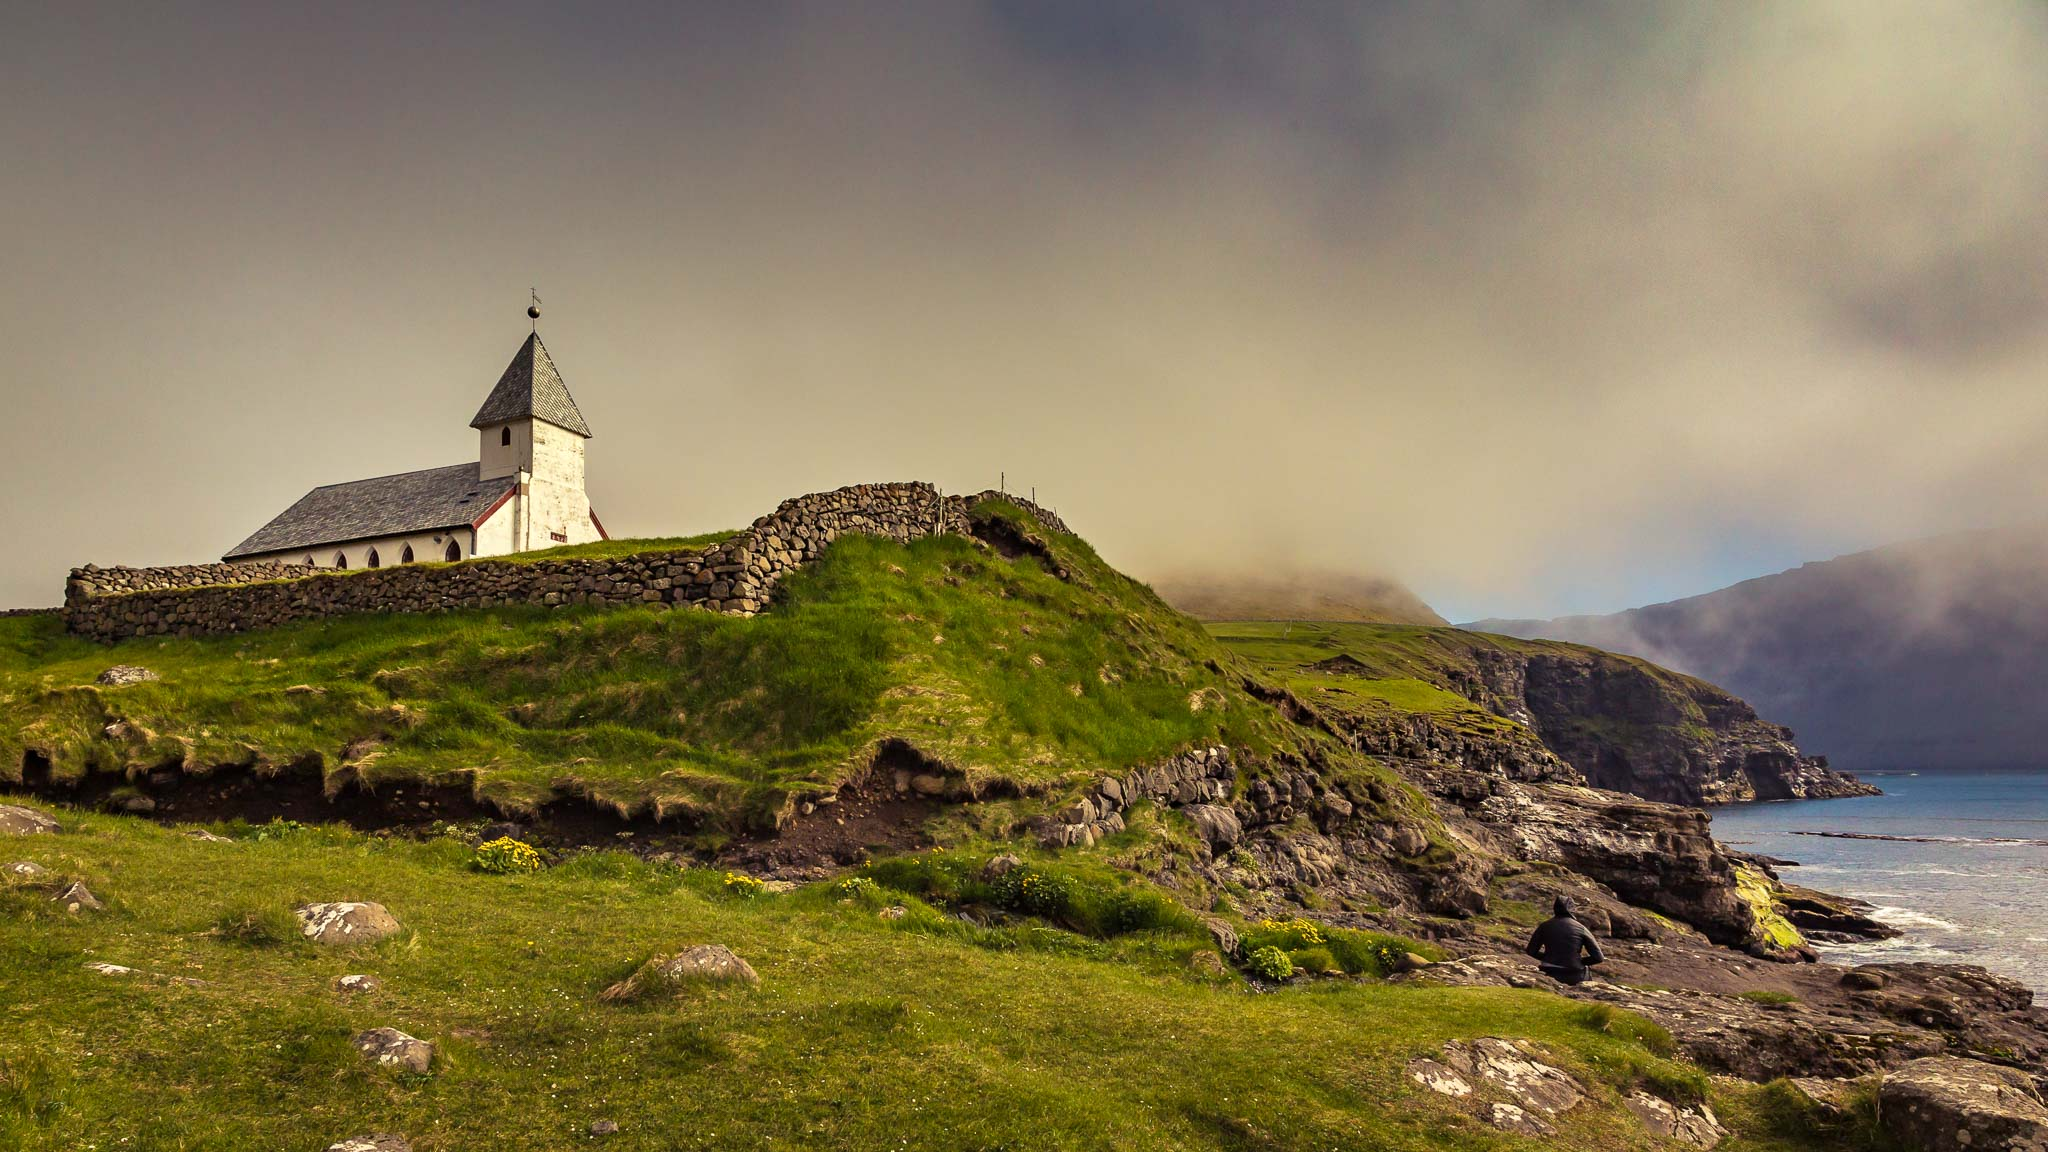 Vidareidi Church, Faroe Islands